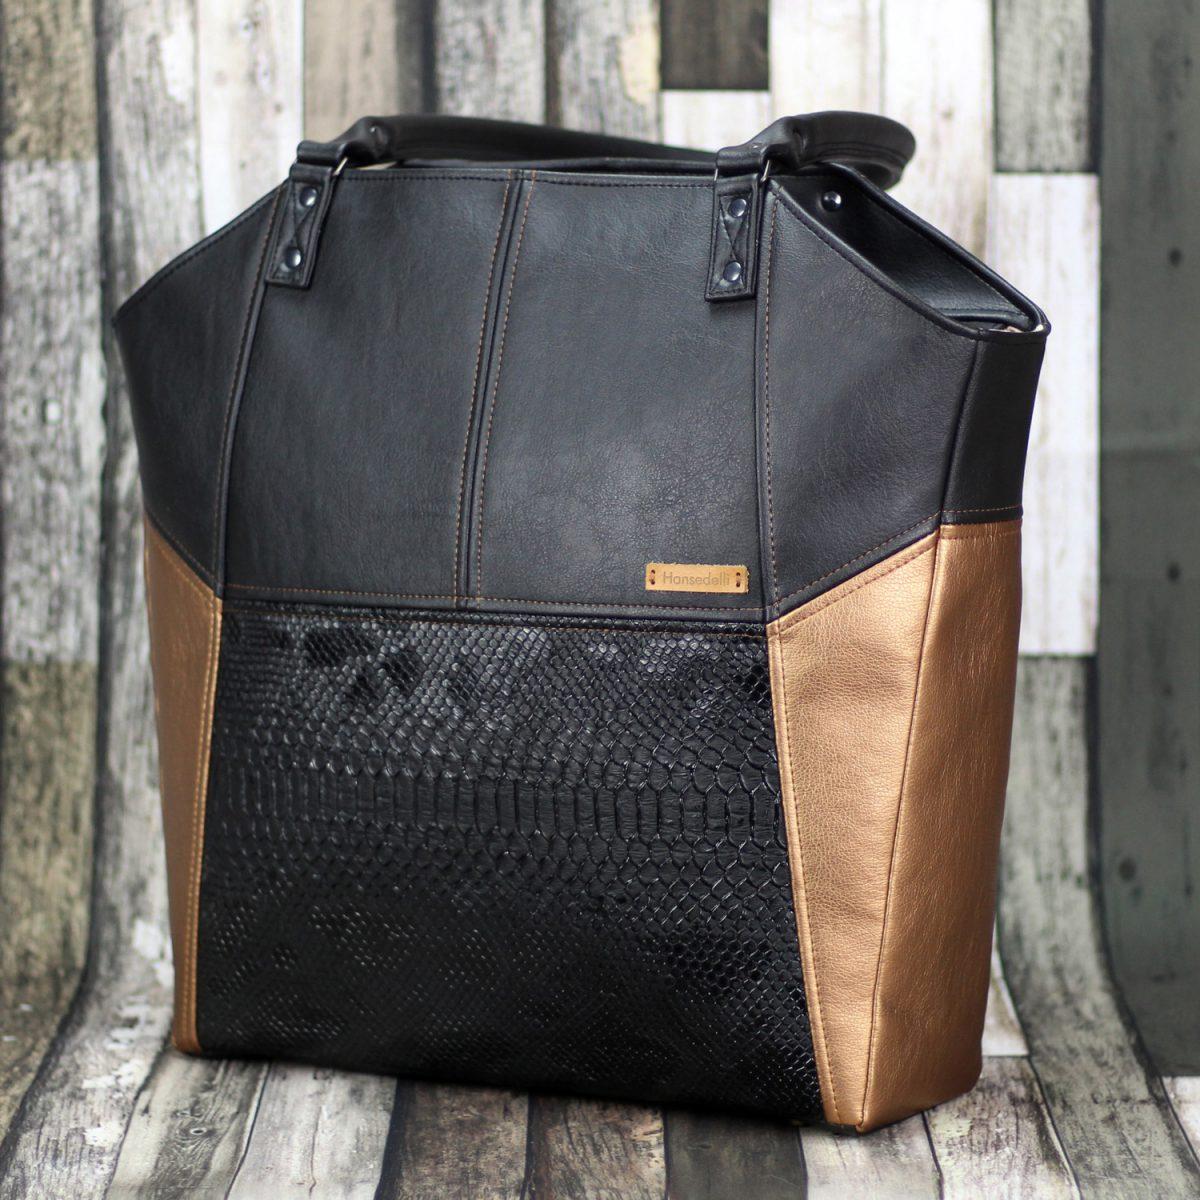 Lexa Hansedelli schwarz gold Schlangenkunstleder eleganter Shopper nähen Businessbag Schnittmuster Bürotasche